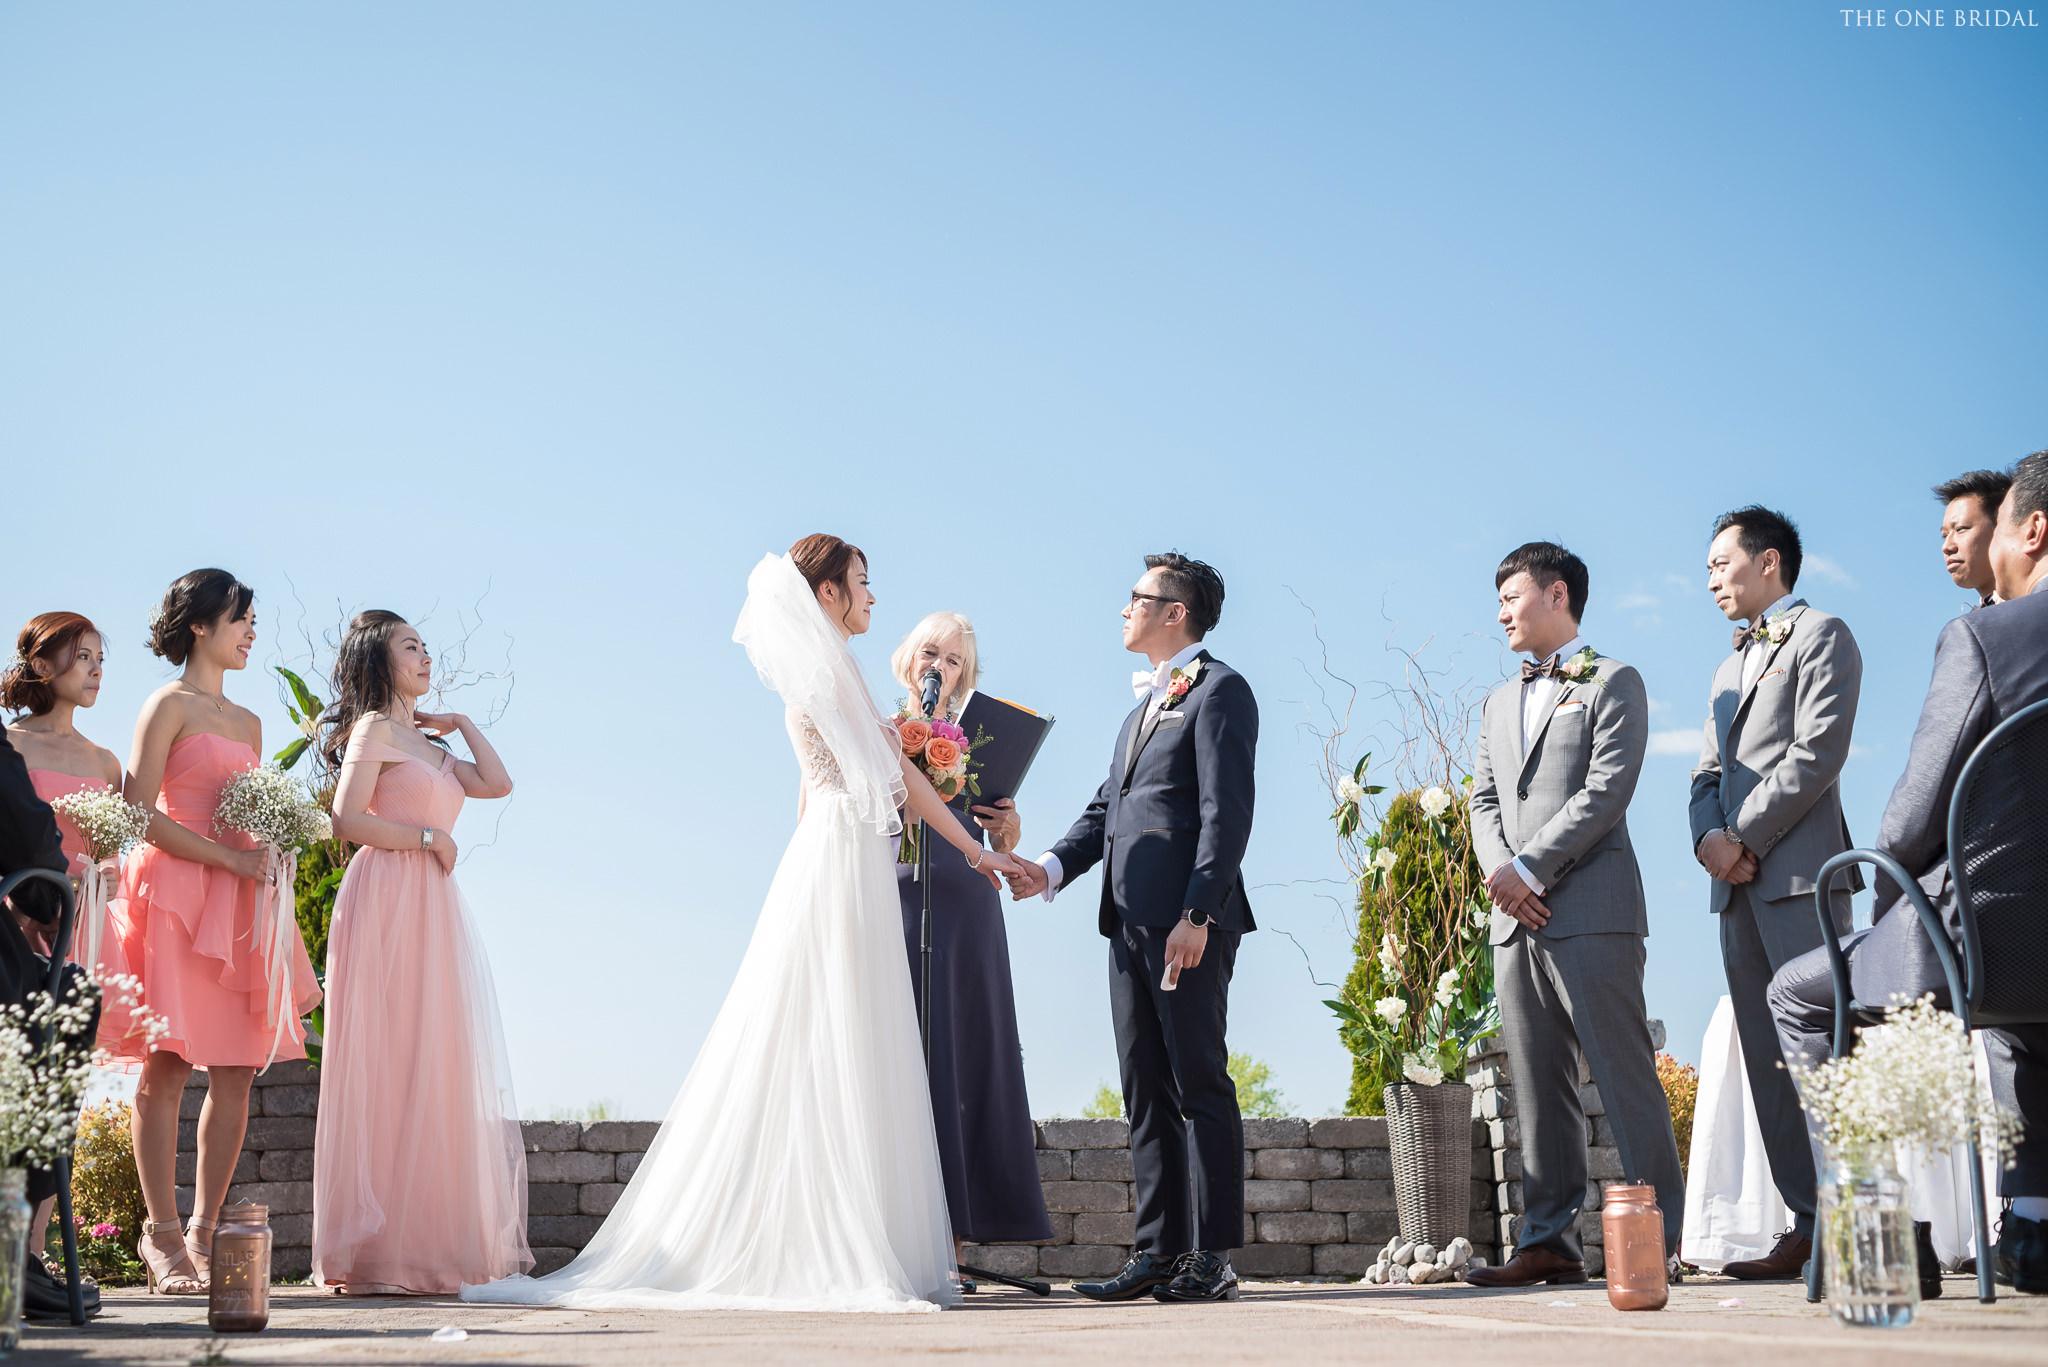 mandarin-golf-club-wedding-markham-the-one-bridal-035